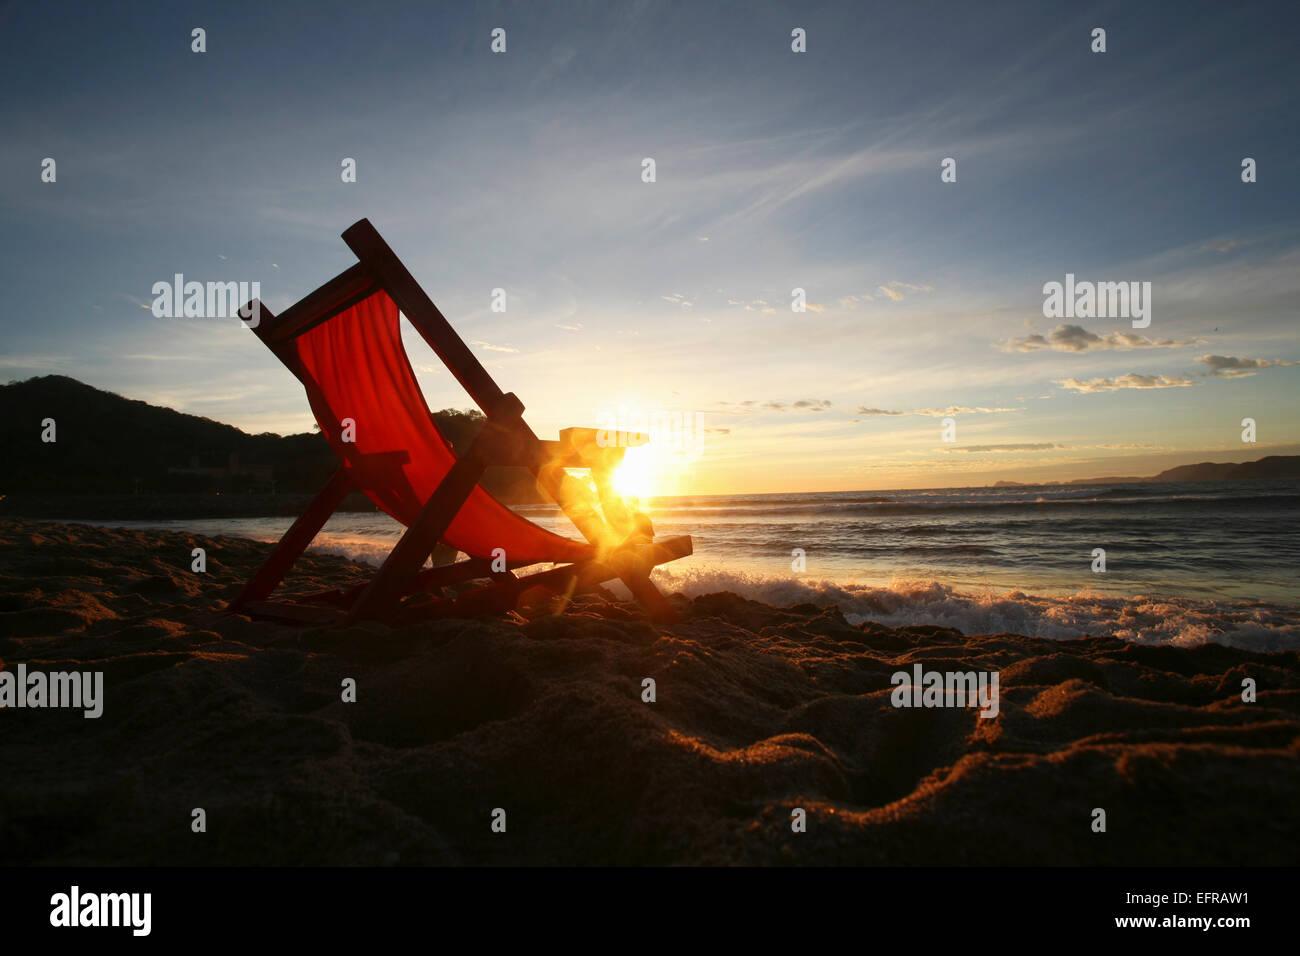 Una sedia sulla sabbia rivolta verso l'acqua. Immagini Stock